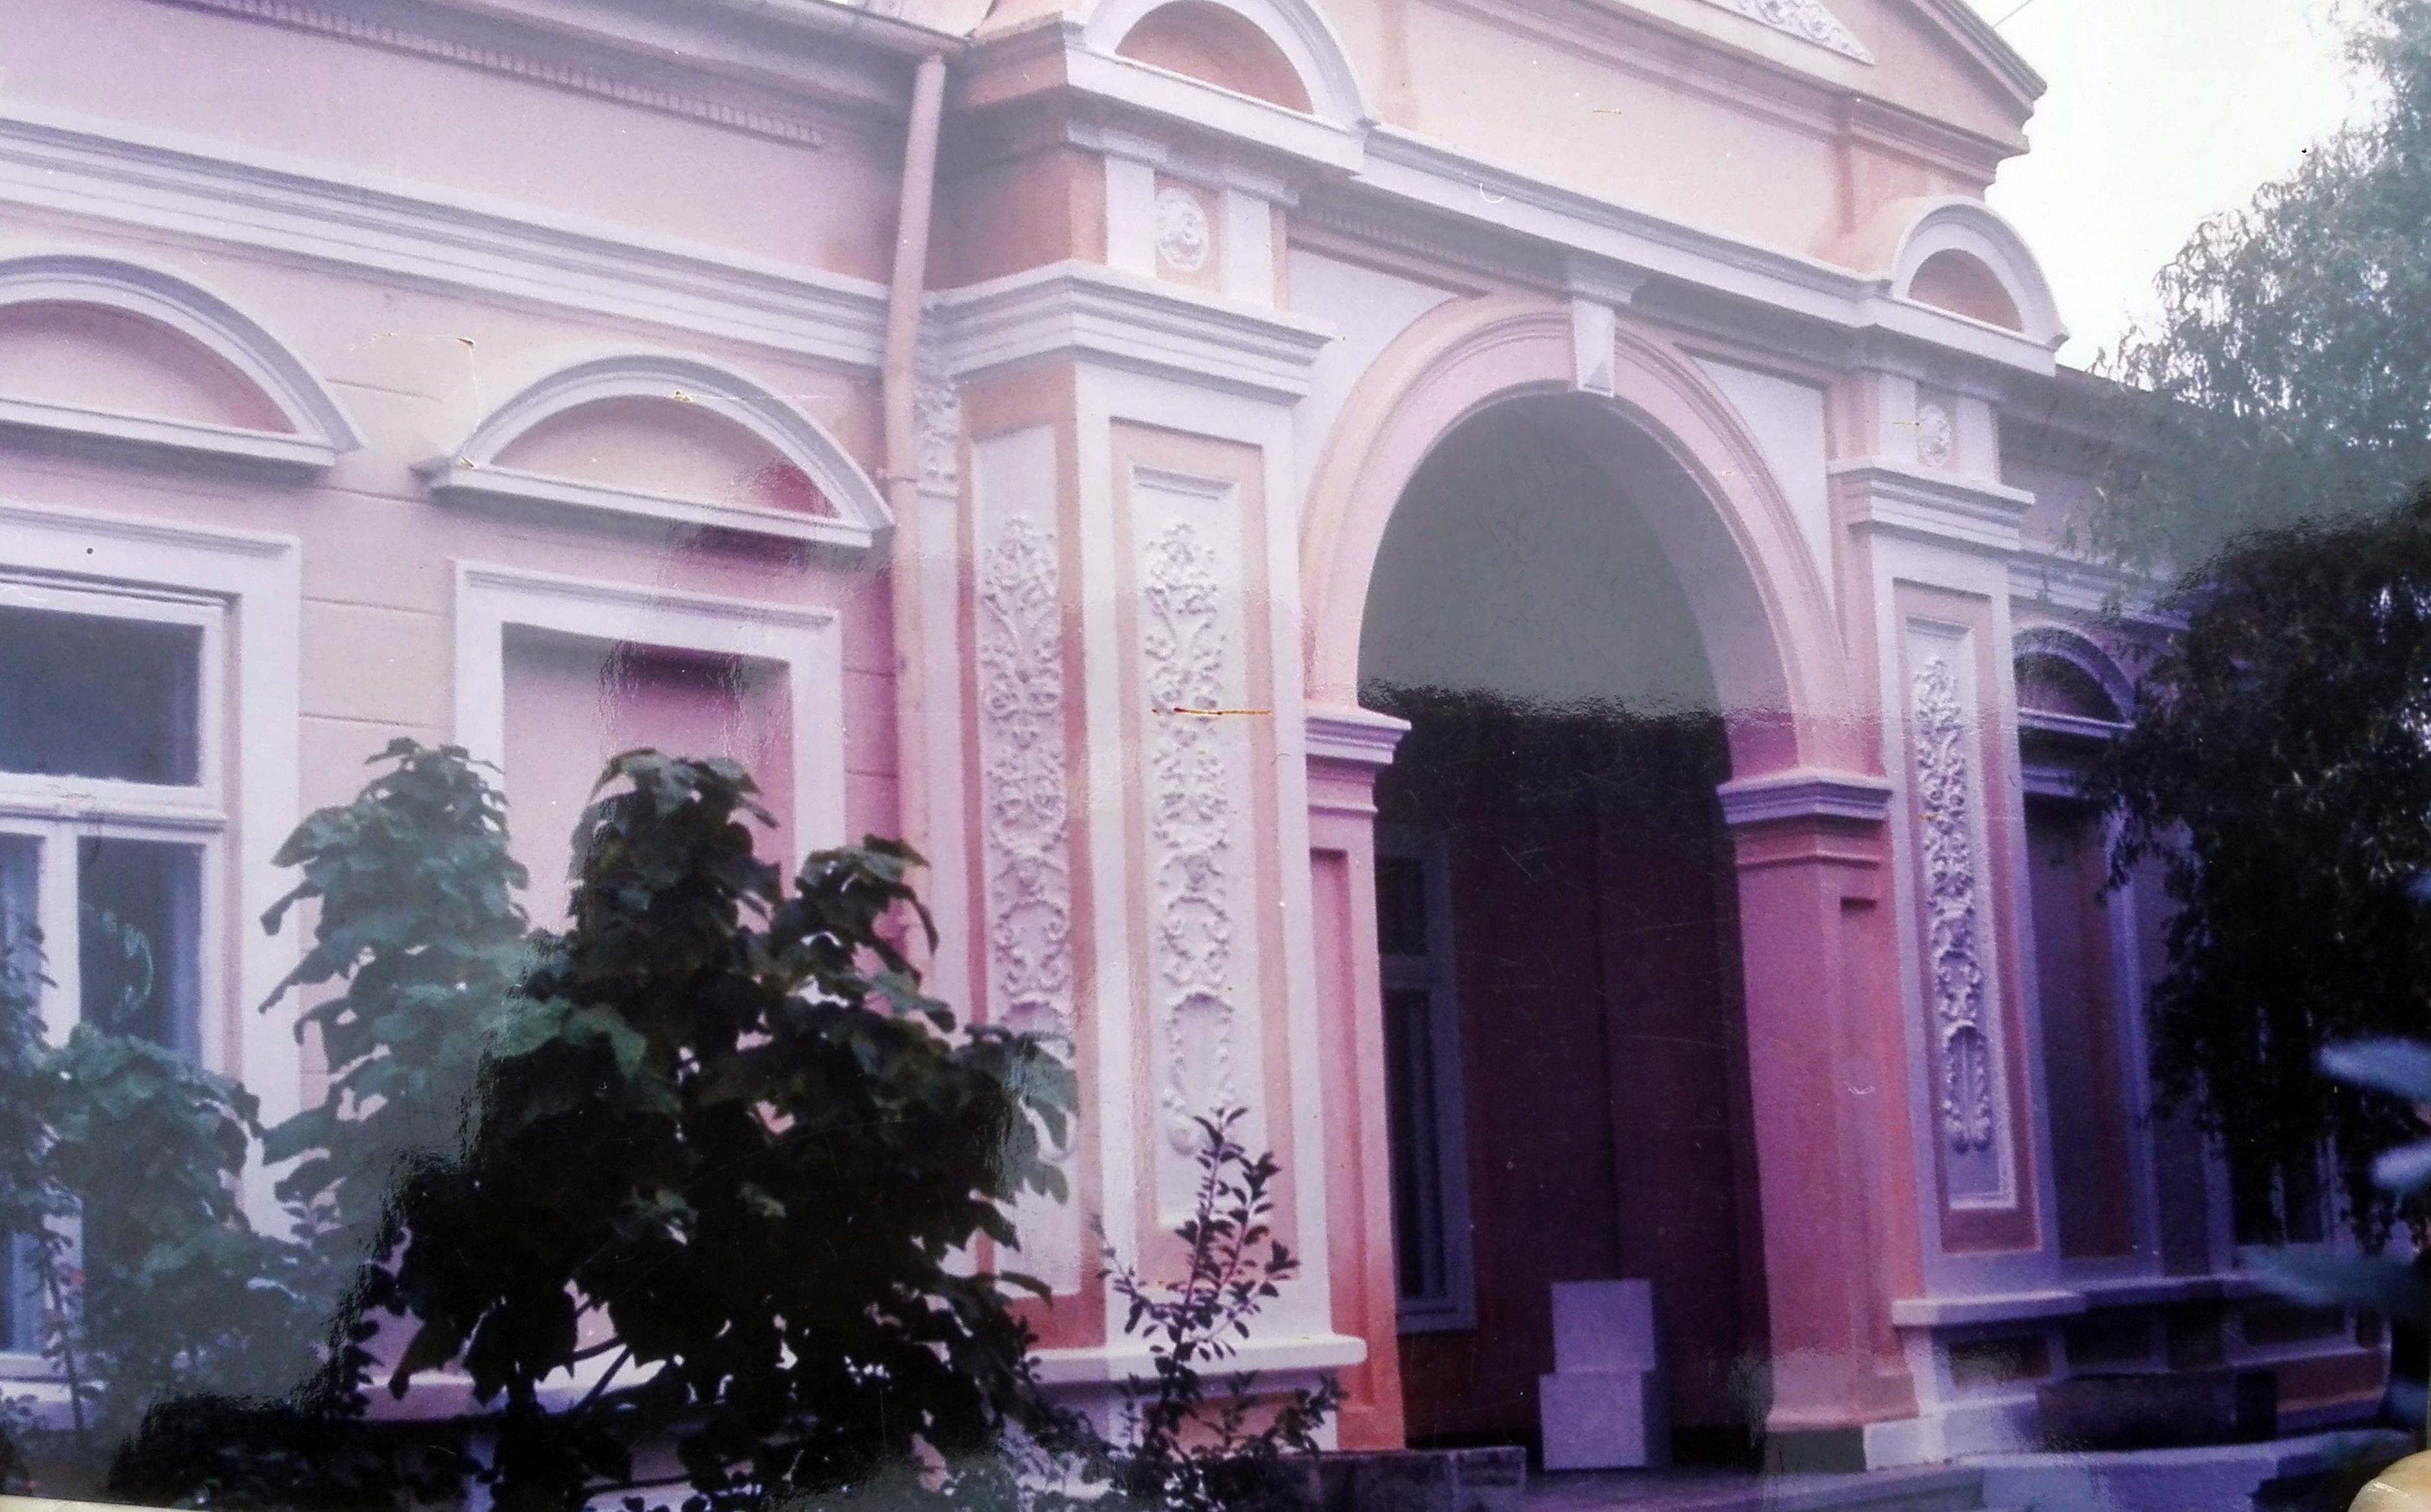 Focșani: Casa Macridescu, o clădire superbă, care l-a găzduit chiar pe regele Carol al II-lea, adăpost pentru oamenii străzii 8